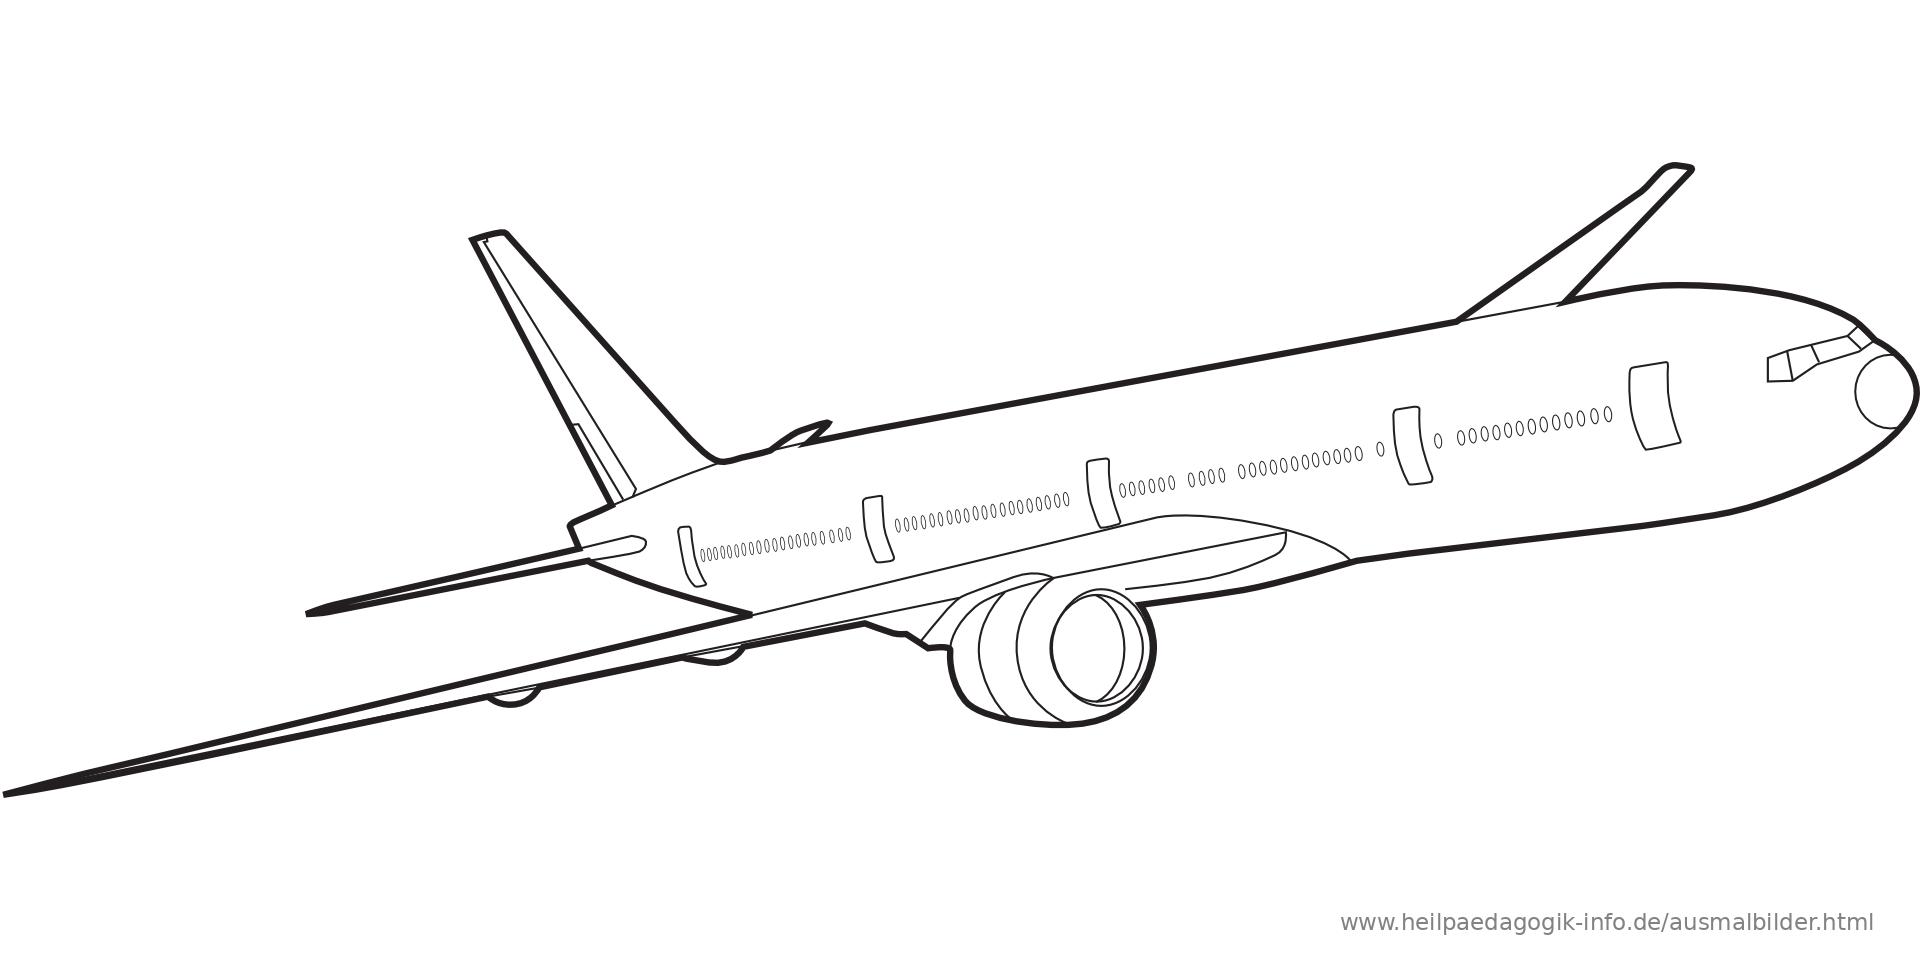 Erfreut Druckbare Flugzeug Malvorlagen Galerie - Entry Level Resume ...